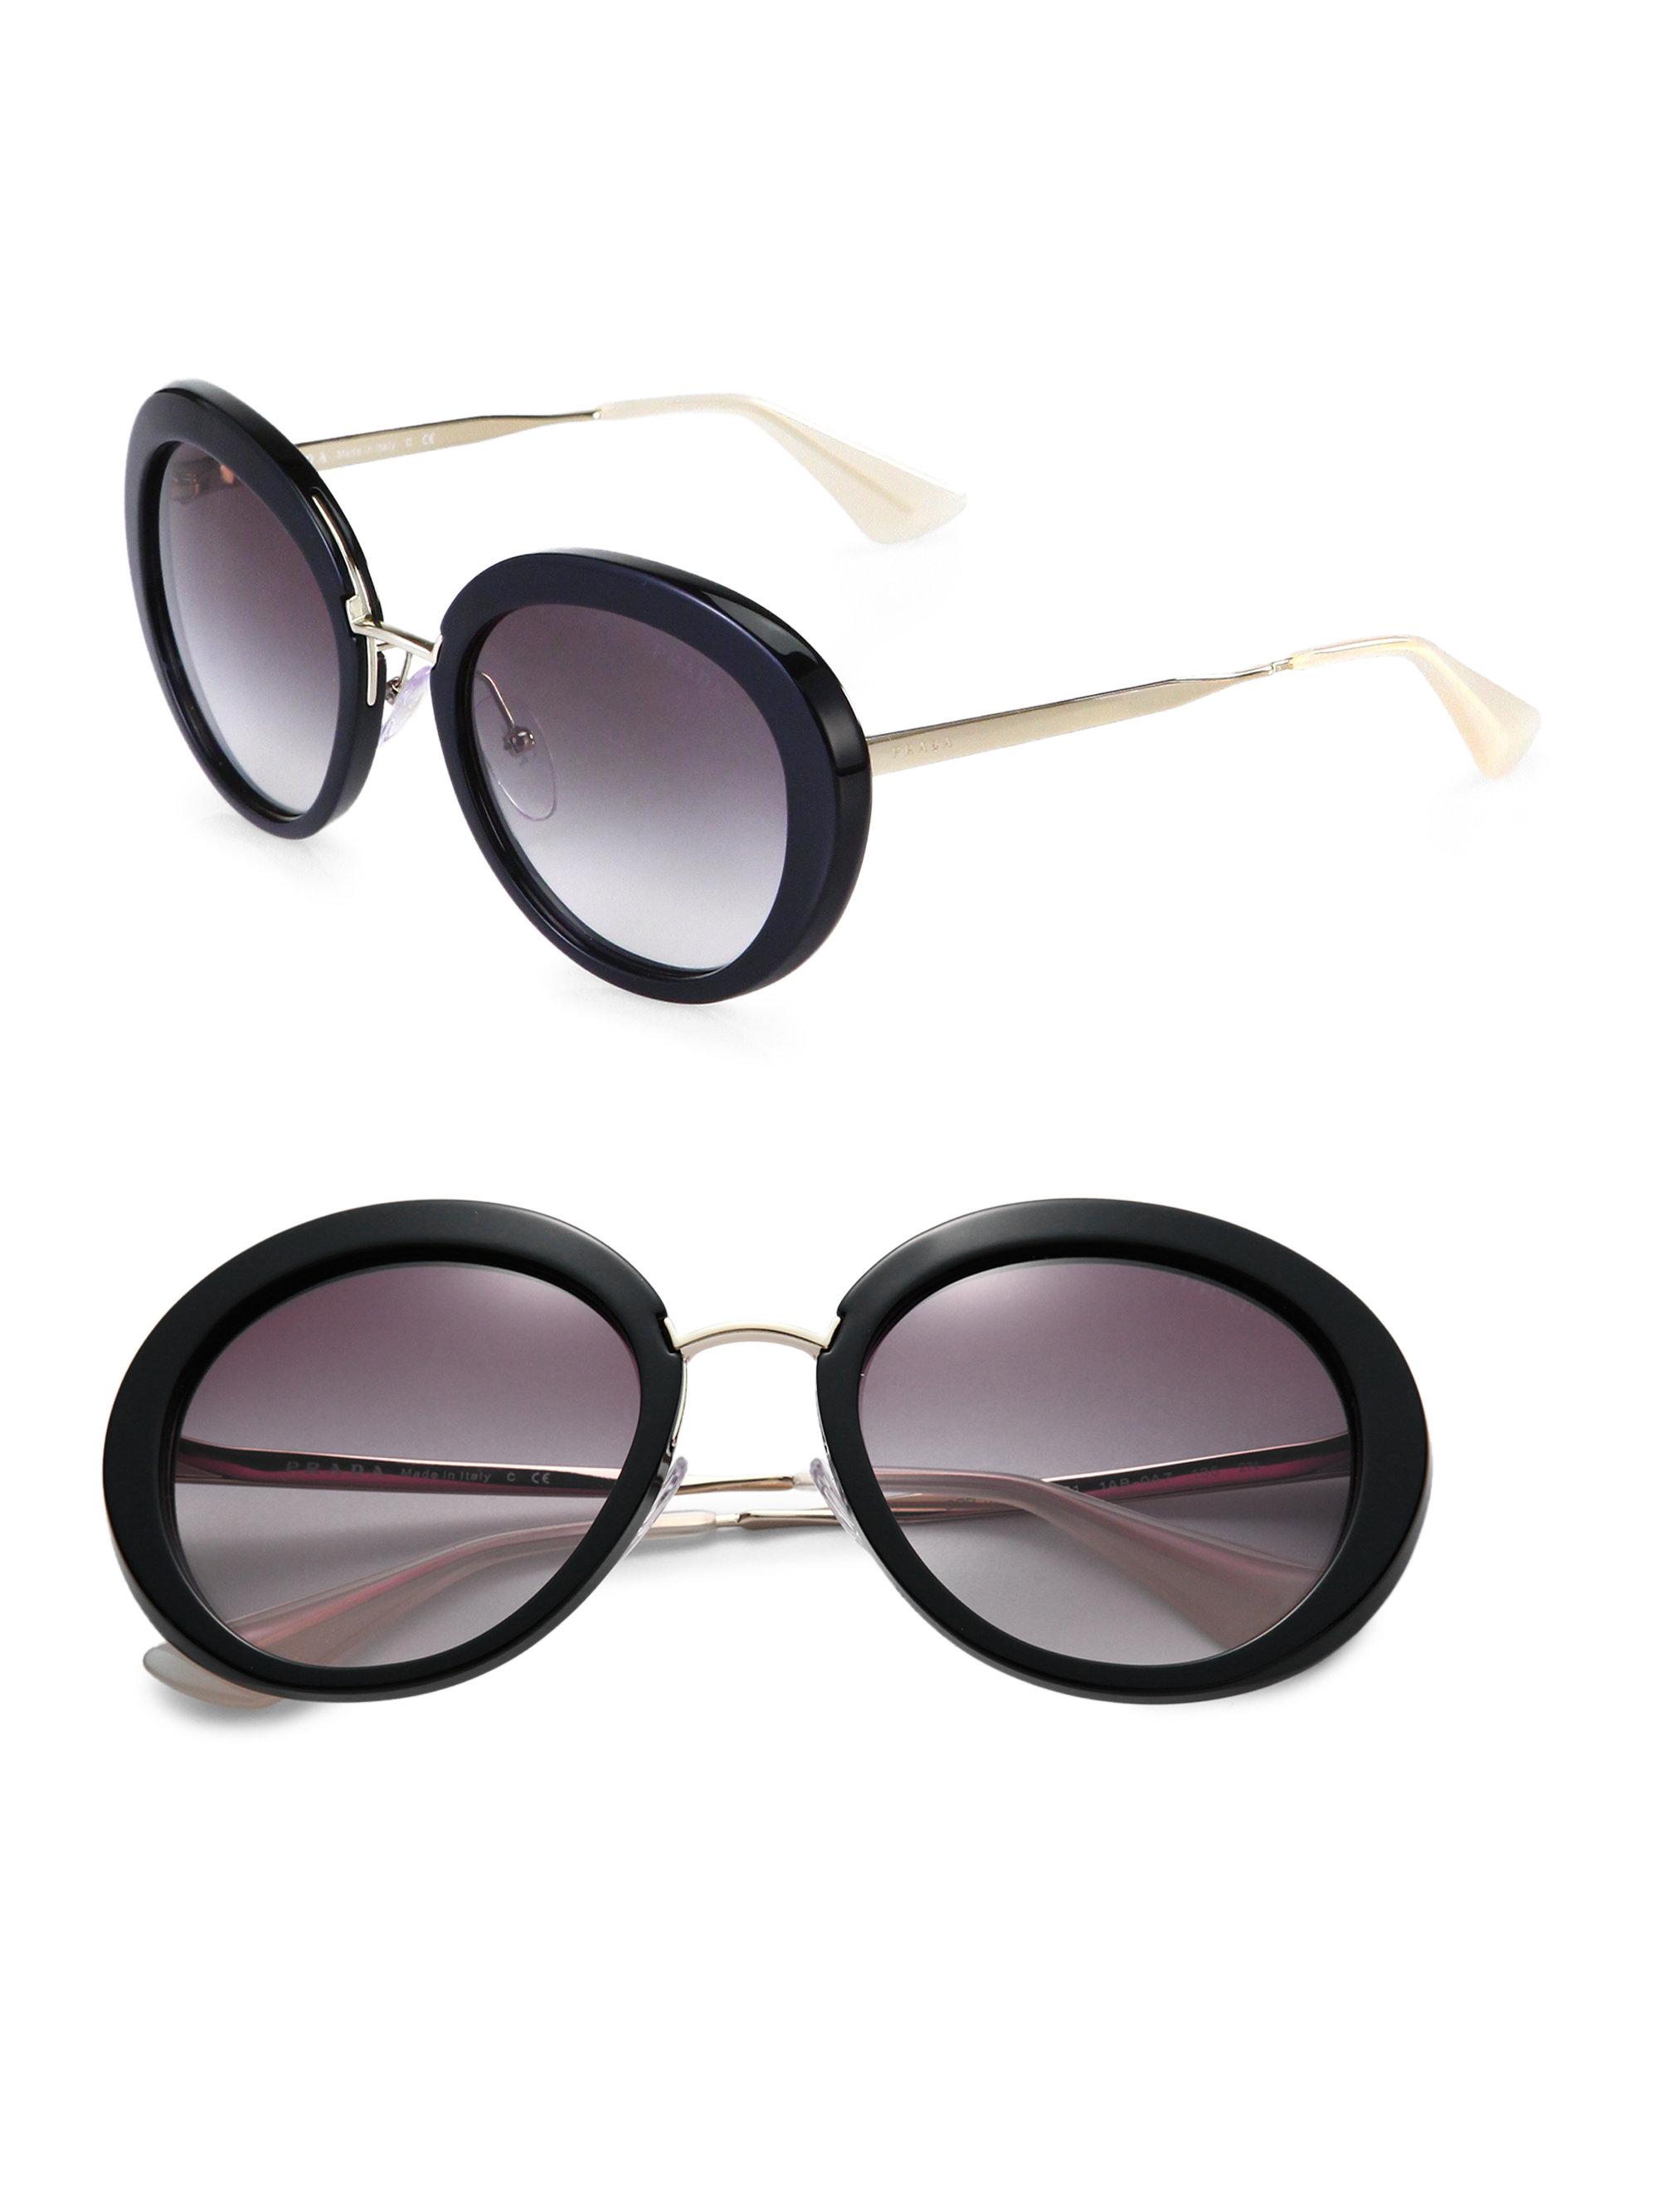 a6f015120e58 ... australia lyst prada round plastic metal sunglasses in black e7ad3 2077a